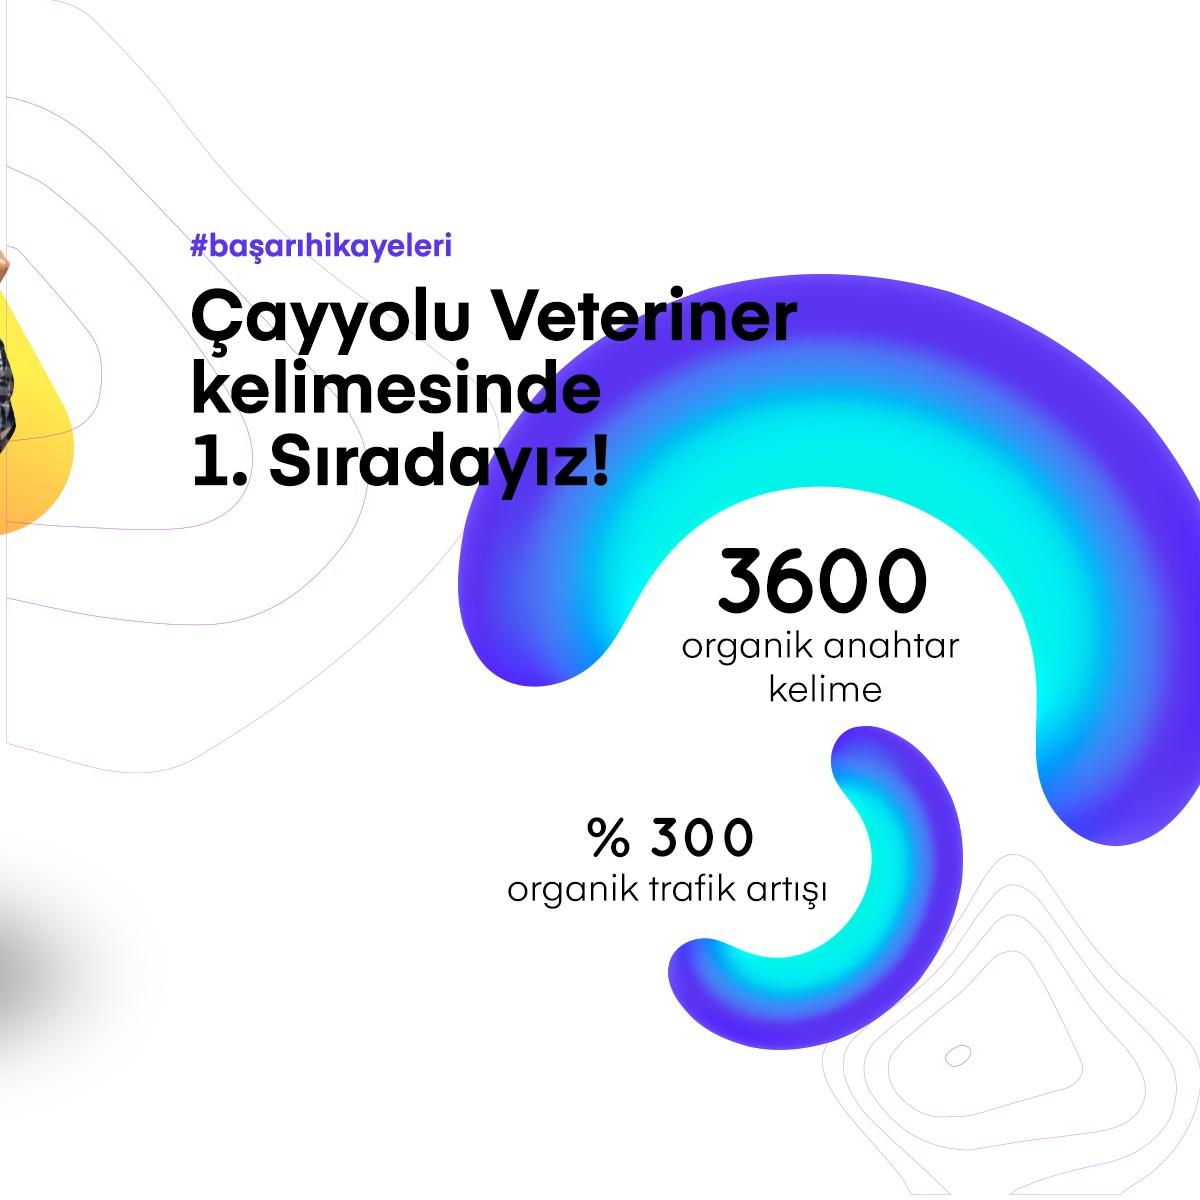 Yolculuğumuzun ilk adımı, yeni web sitesi alt yapı ve tasarım geliştirmeleri oldu. SEO çalışmaları ile desteklenen Vetrium, 1 buçuk yıllık yolculuğumuz sonucunda 3.600 anahtar kelimeden organik trafik alan bir marka konumuna yükseldi. . #vetrium #flatartagency #DigitalMarketing https://t.co/Fq2MpMdWby